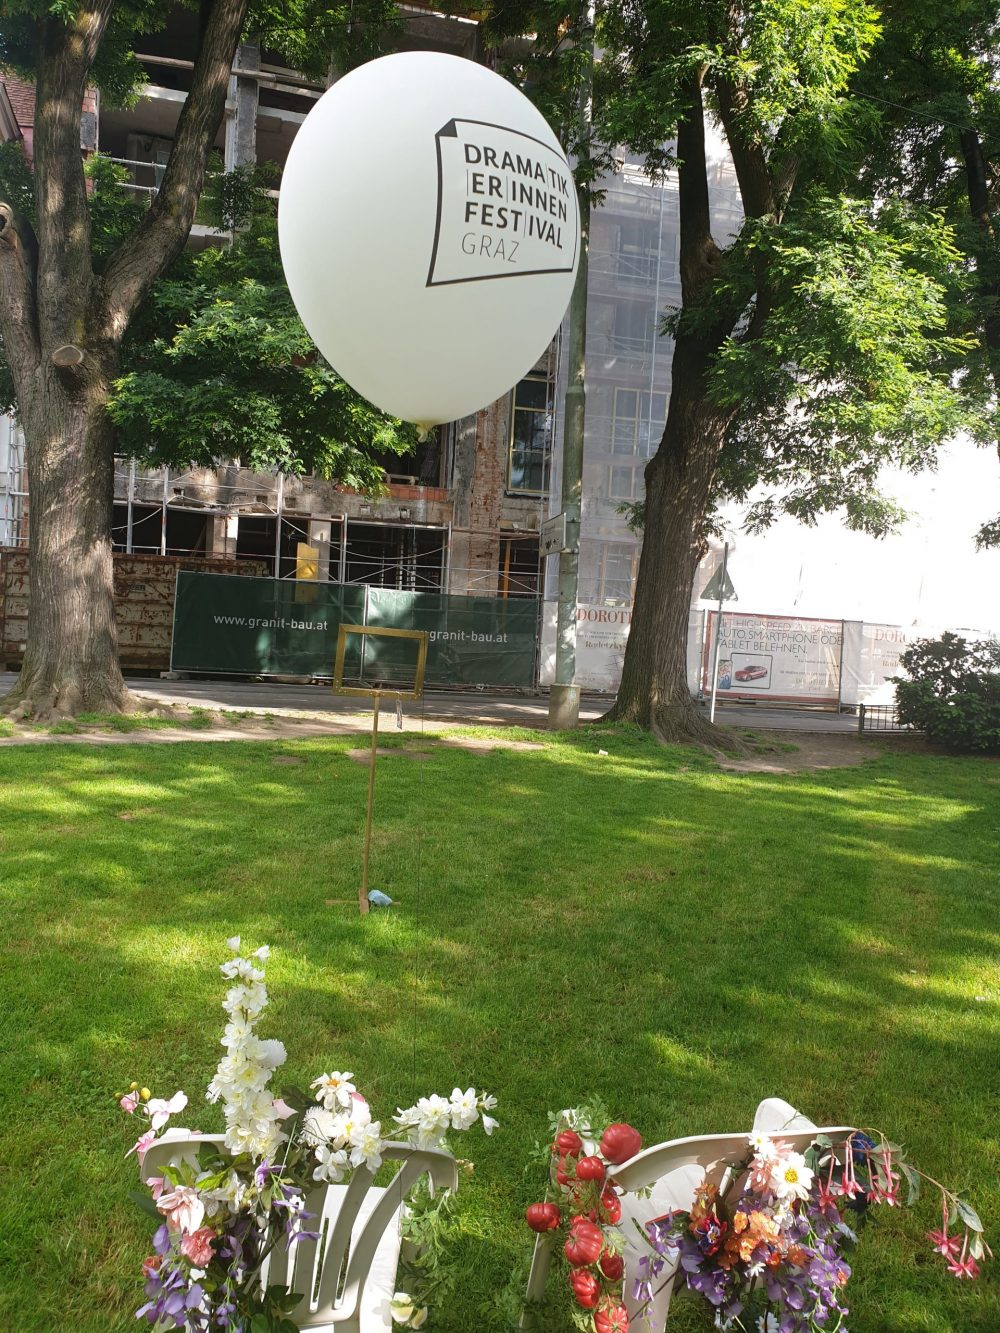 Plastikstühle mit Plastikblumen, ein leerer Bilderrahmen und ein großer weißer Ballon